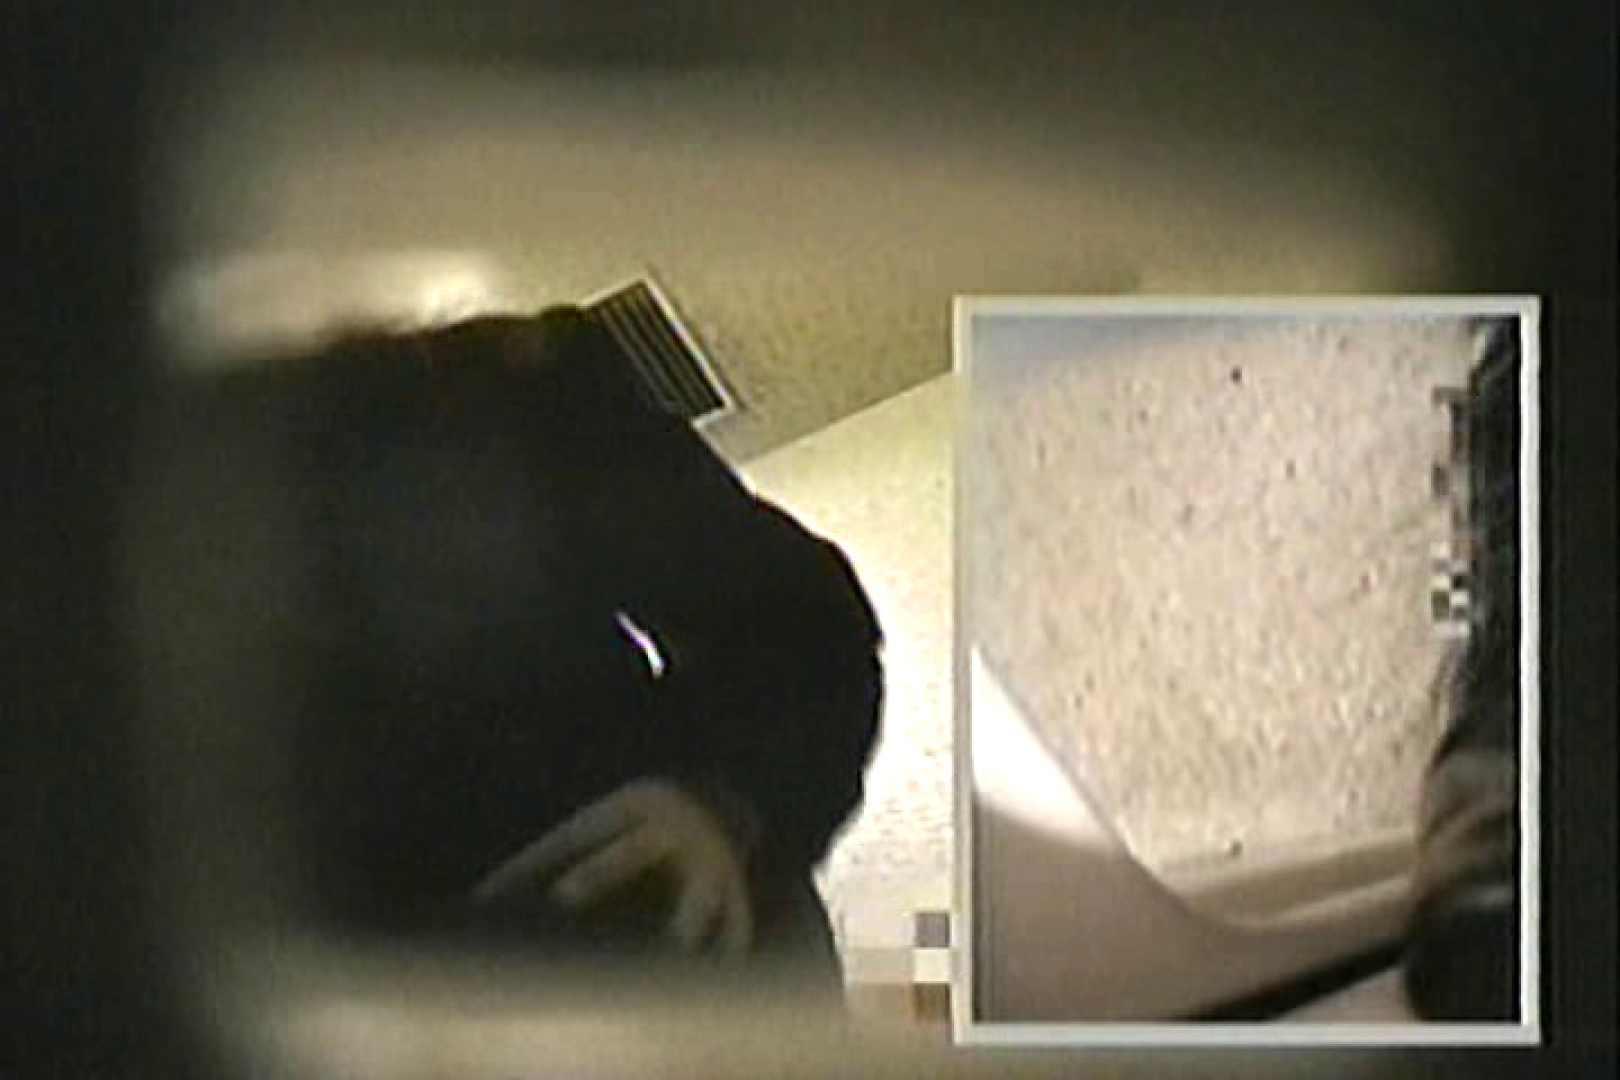 女子洗面所盗撮 今度の2カメは若い子だらけ  TK-127 洗面所 | おまんこ無修正  62pic 36